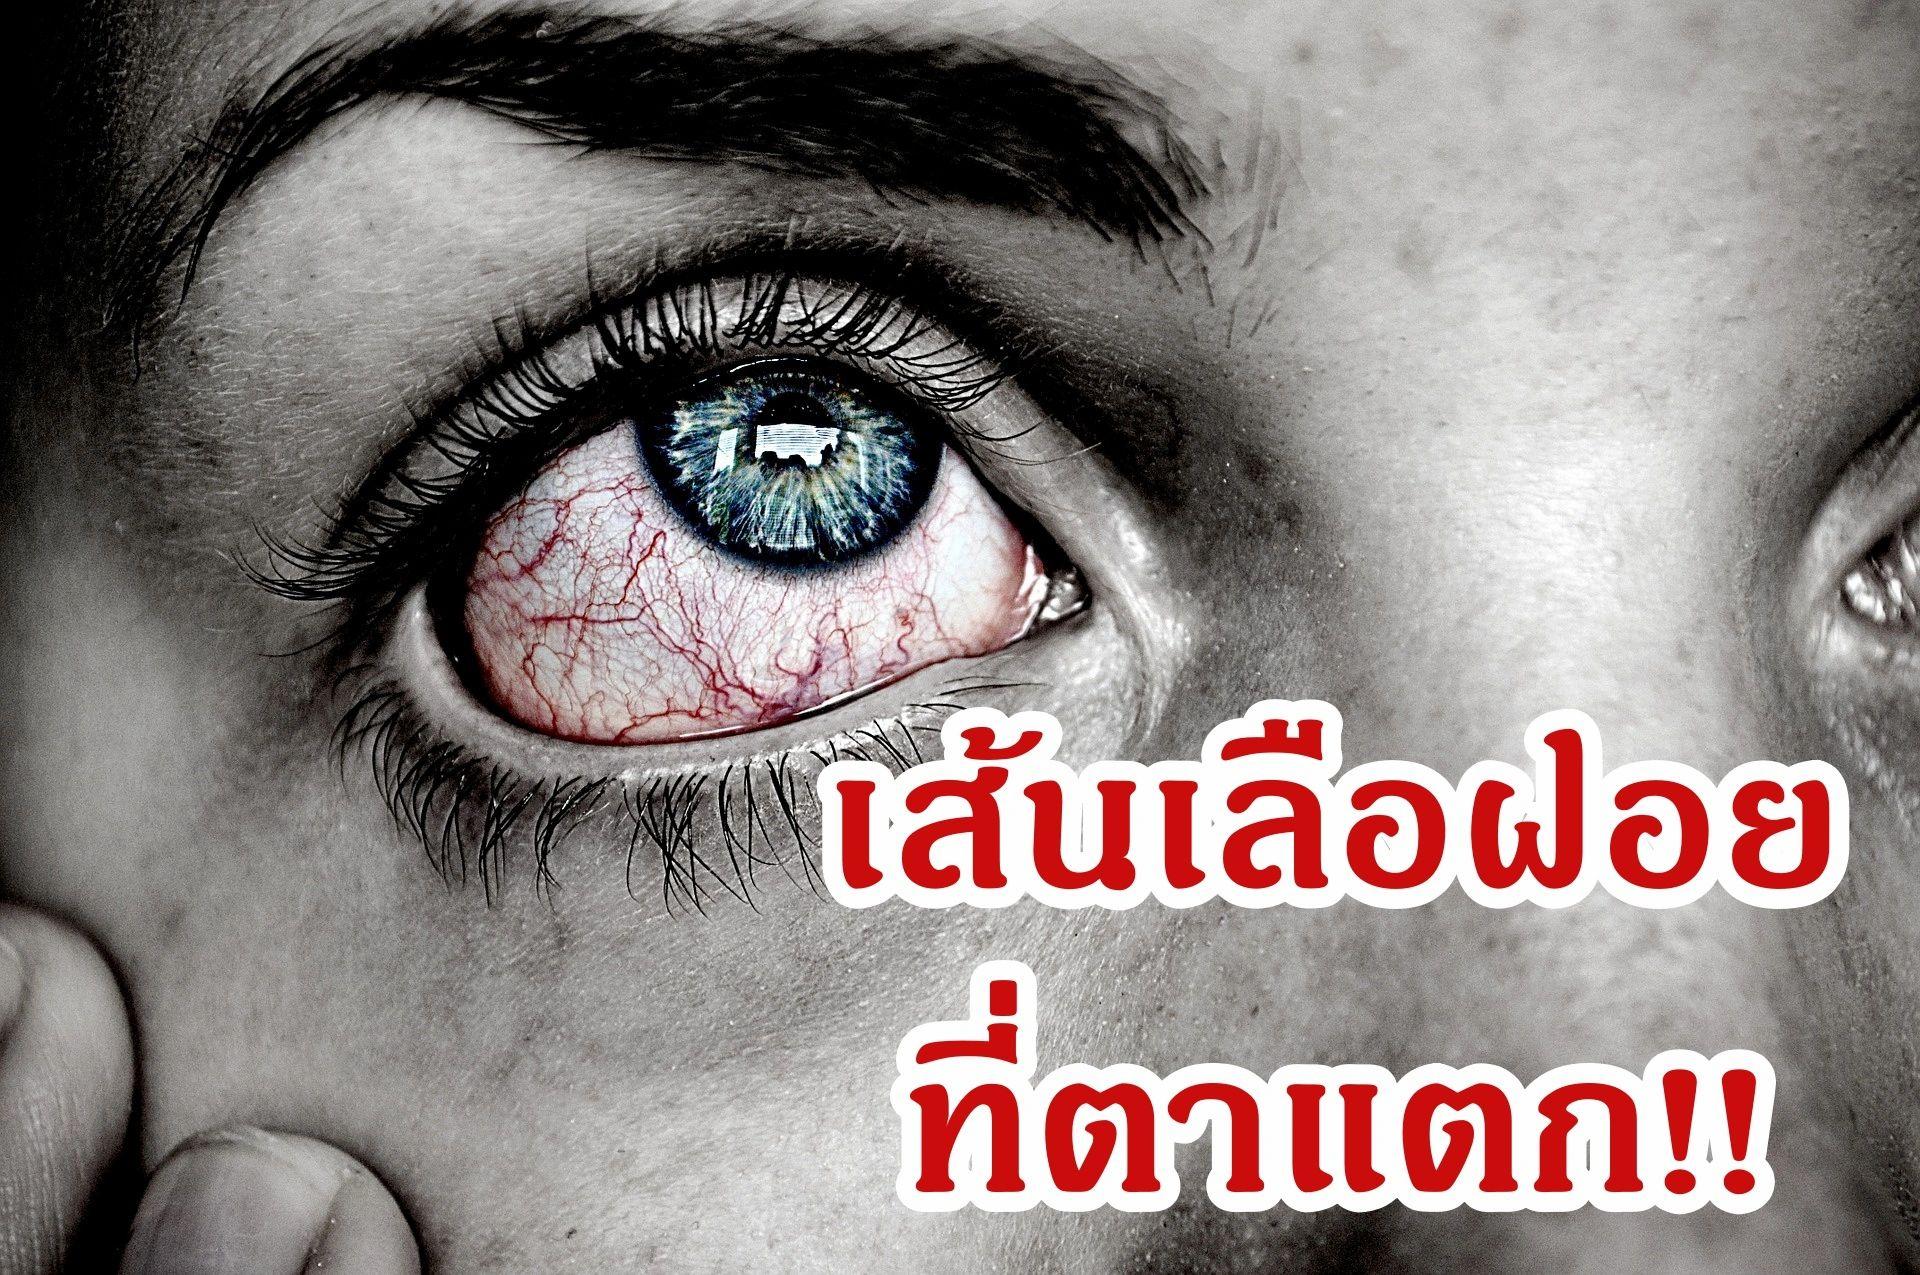 เส้นเลือดฝอยในตาแตก